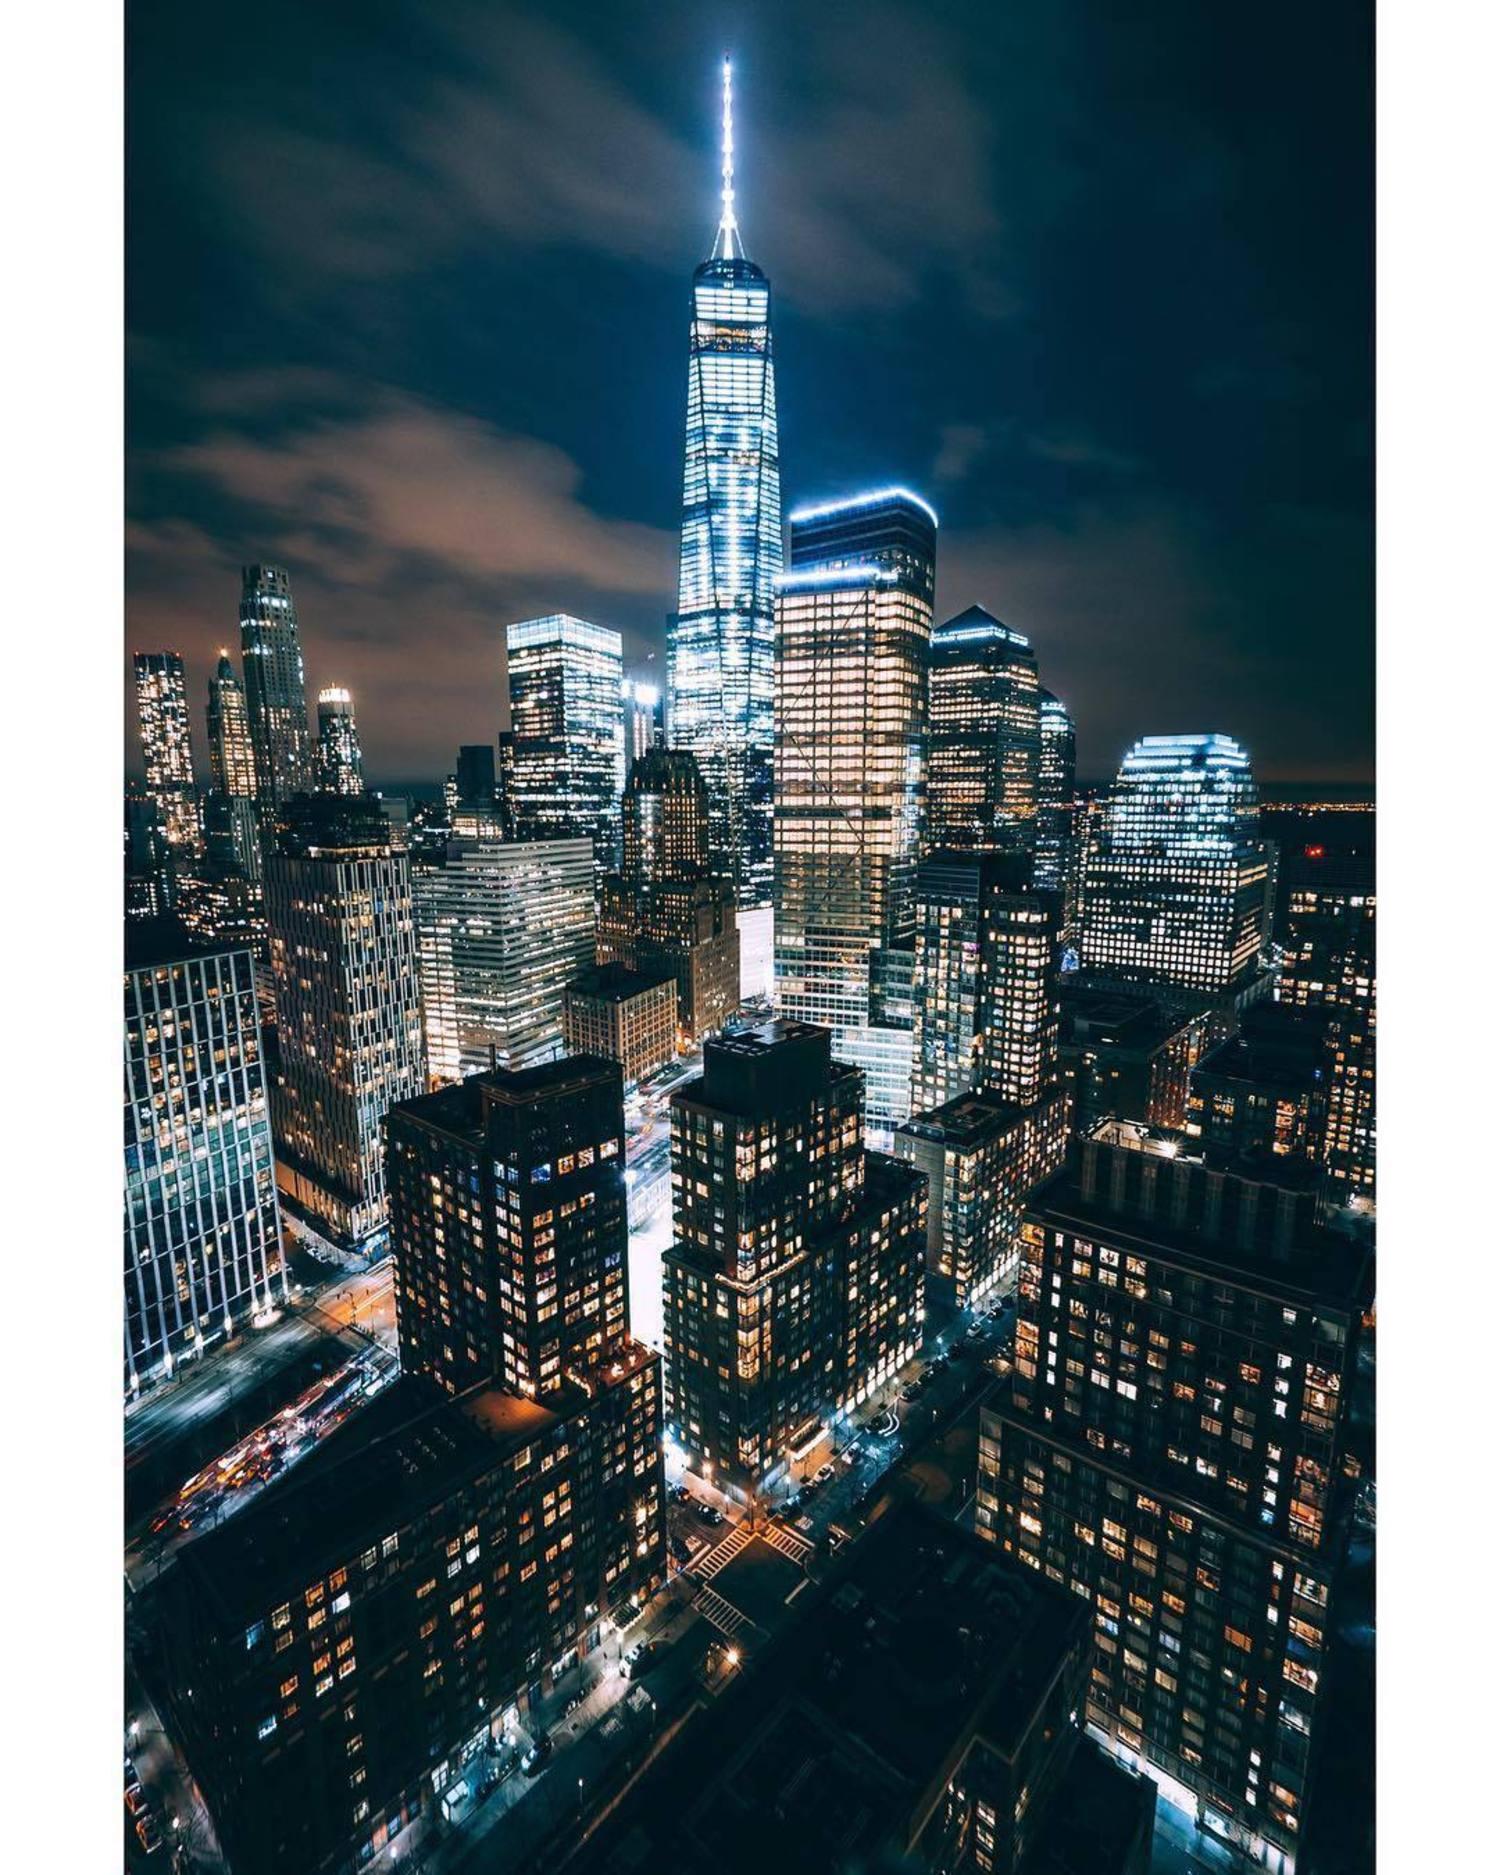 New York, New York. Photo via @rixtagram #viewingnyc #nyc #newyork #newyorkcity